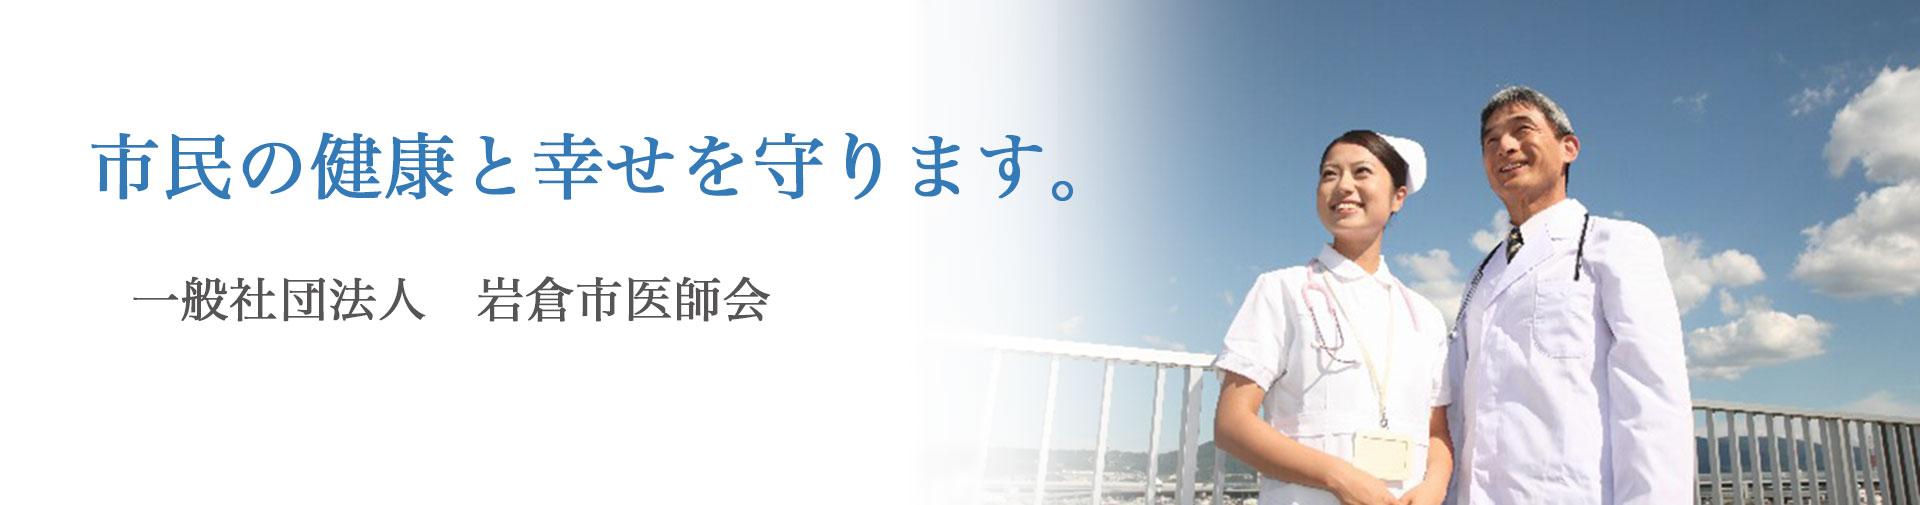 岩倉市医師会